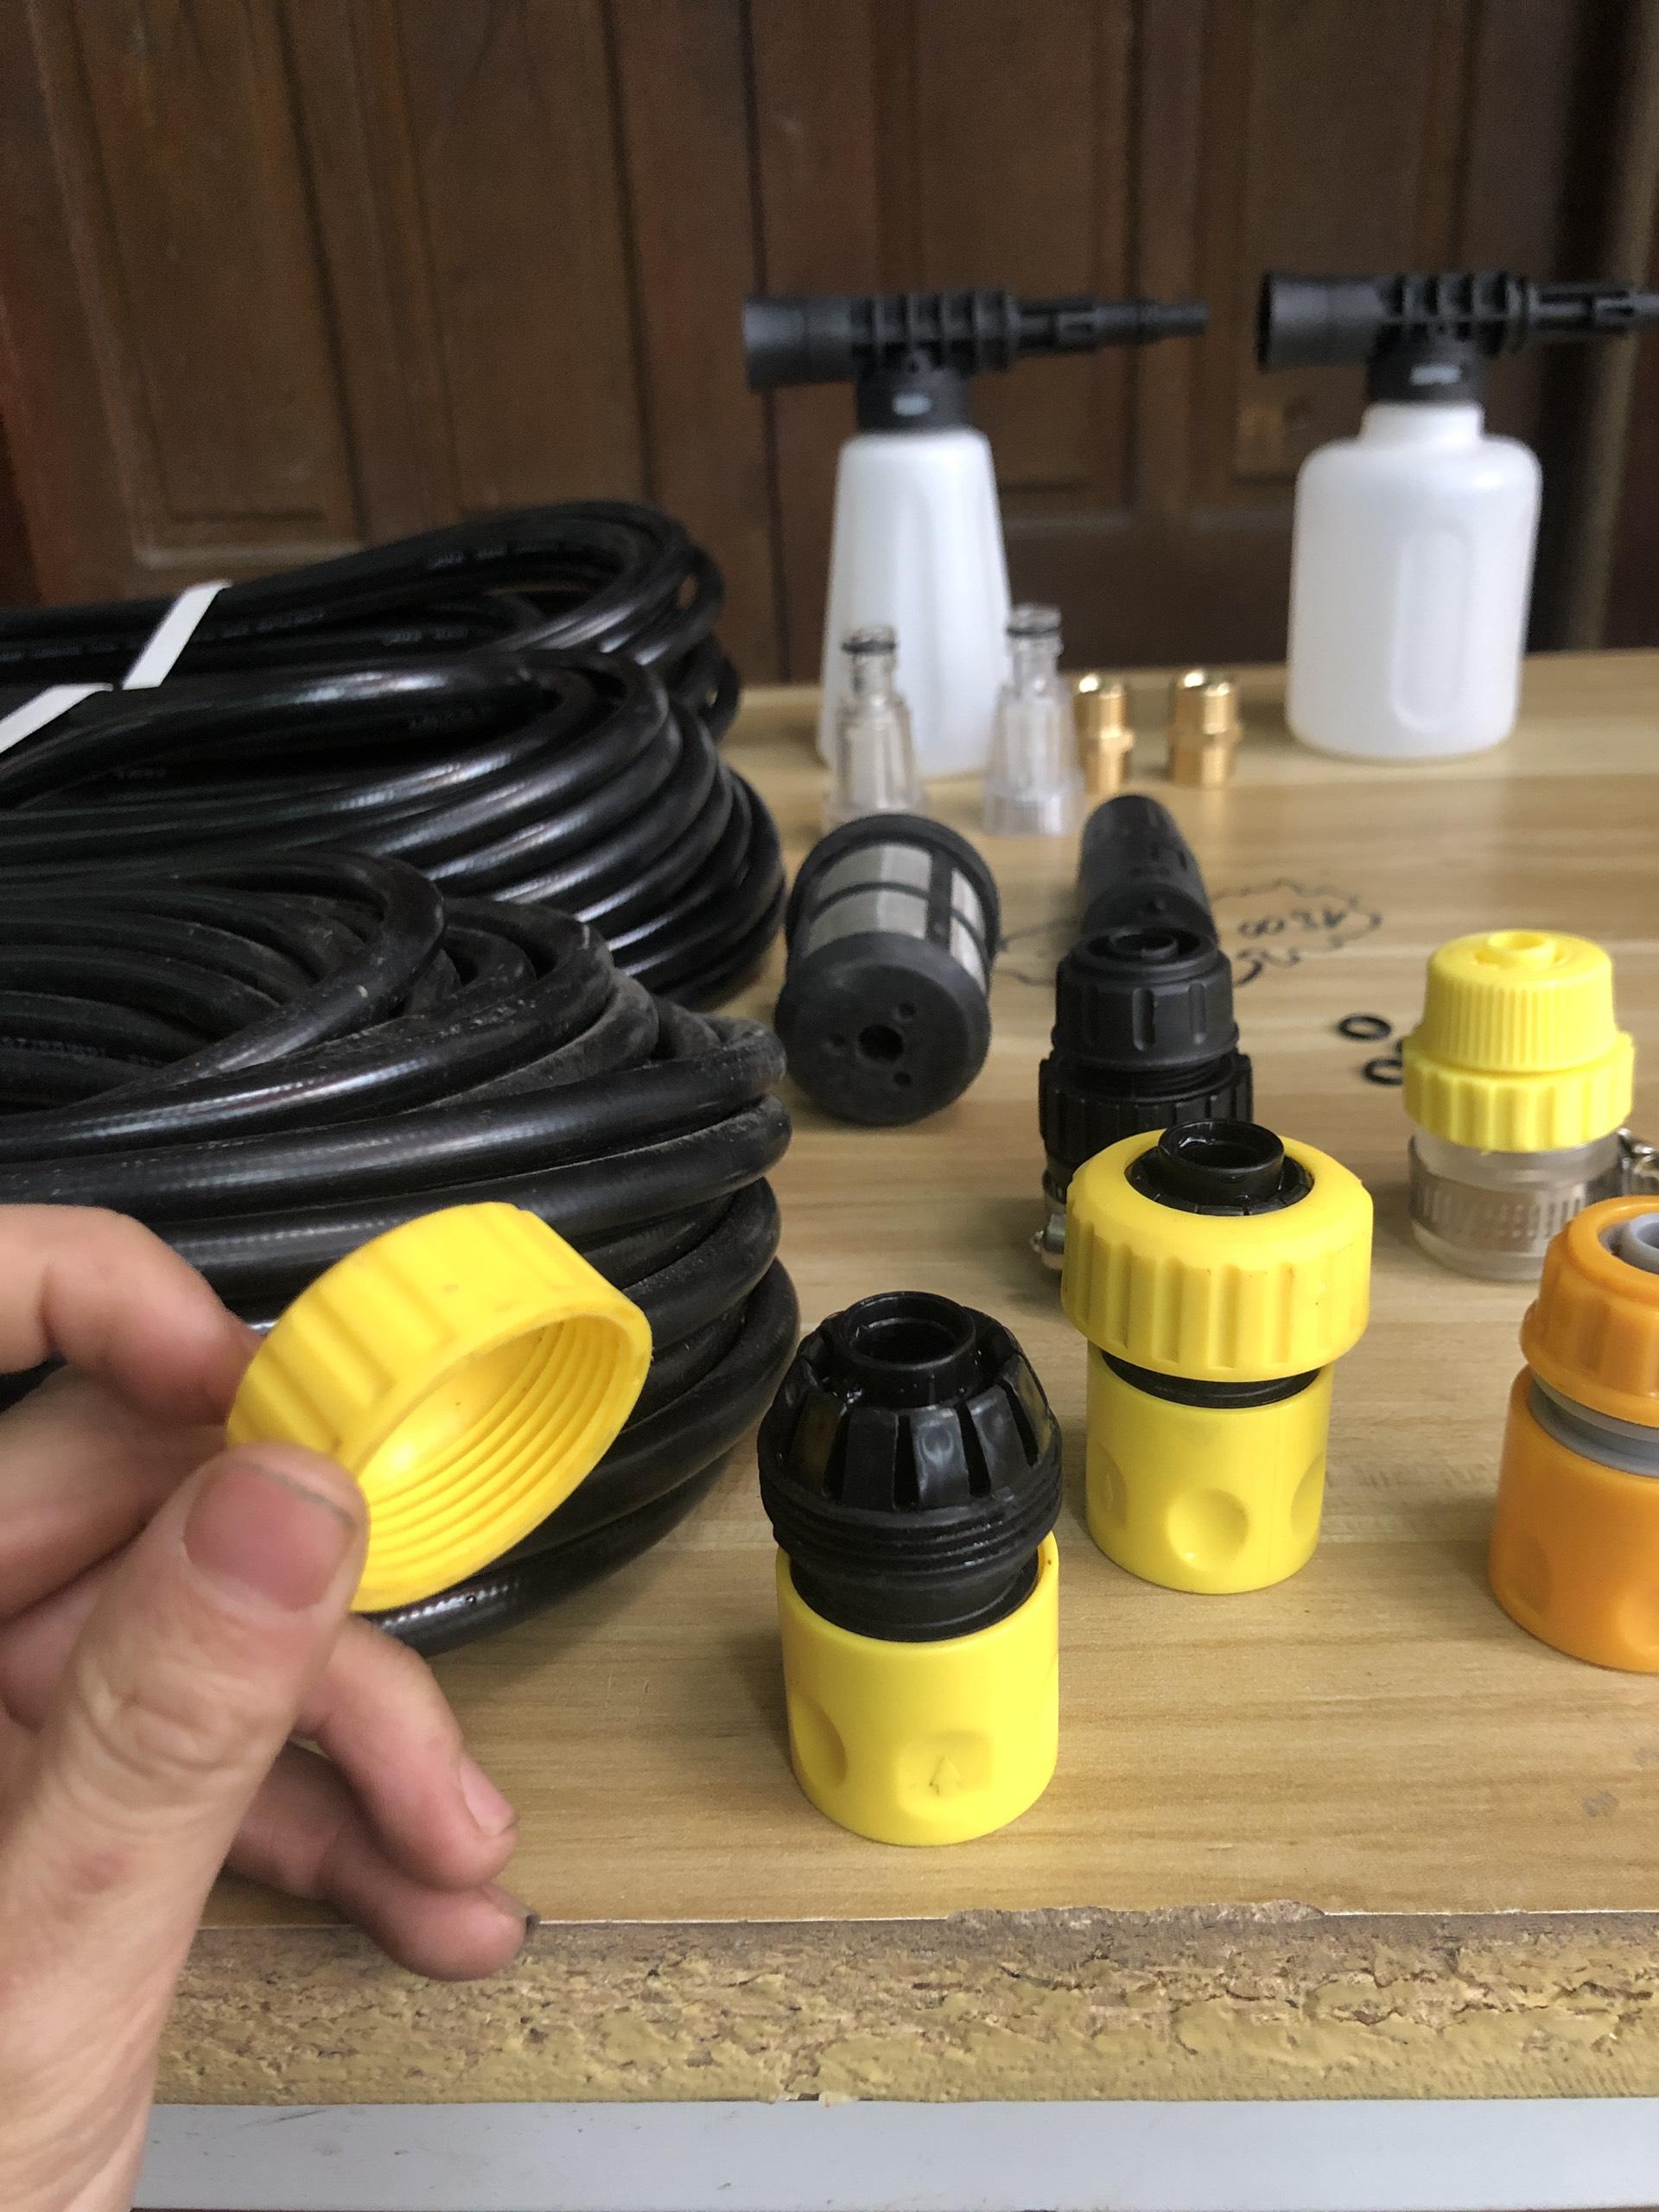 Khớp nối nhanh đầu vào máy xịt rửa cao áp bằng nhựa